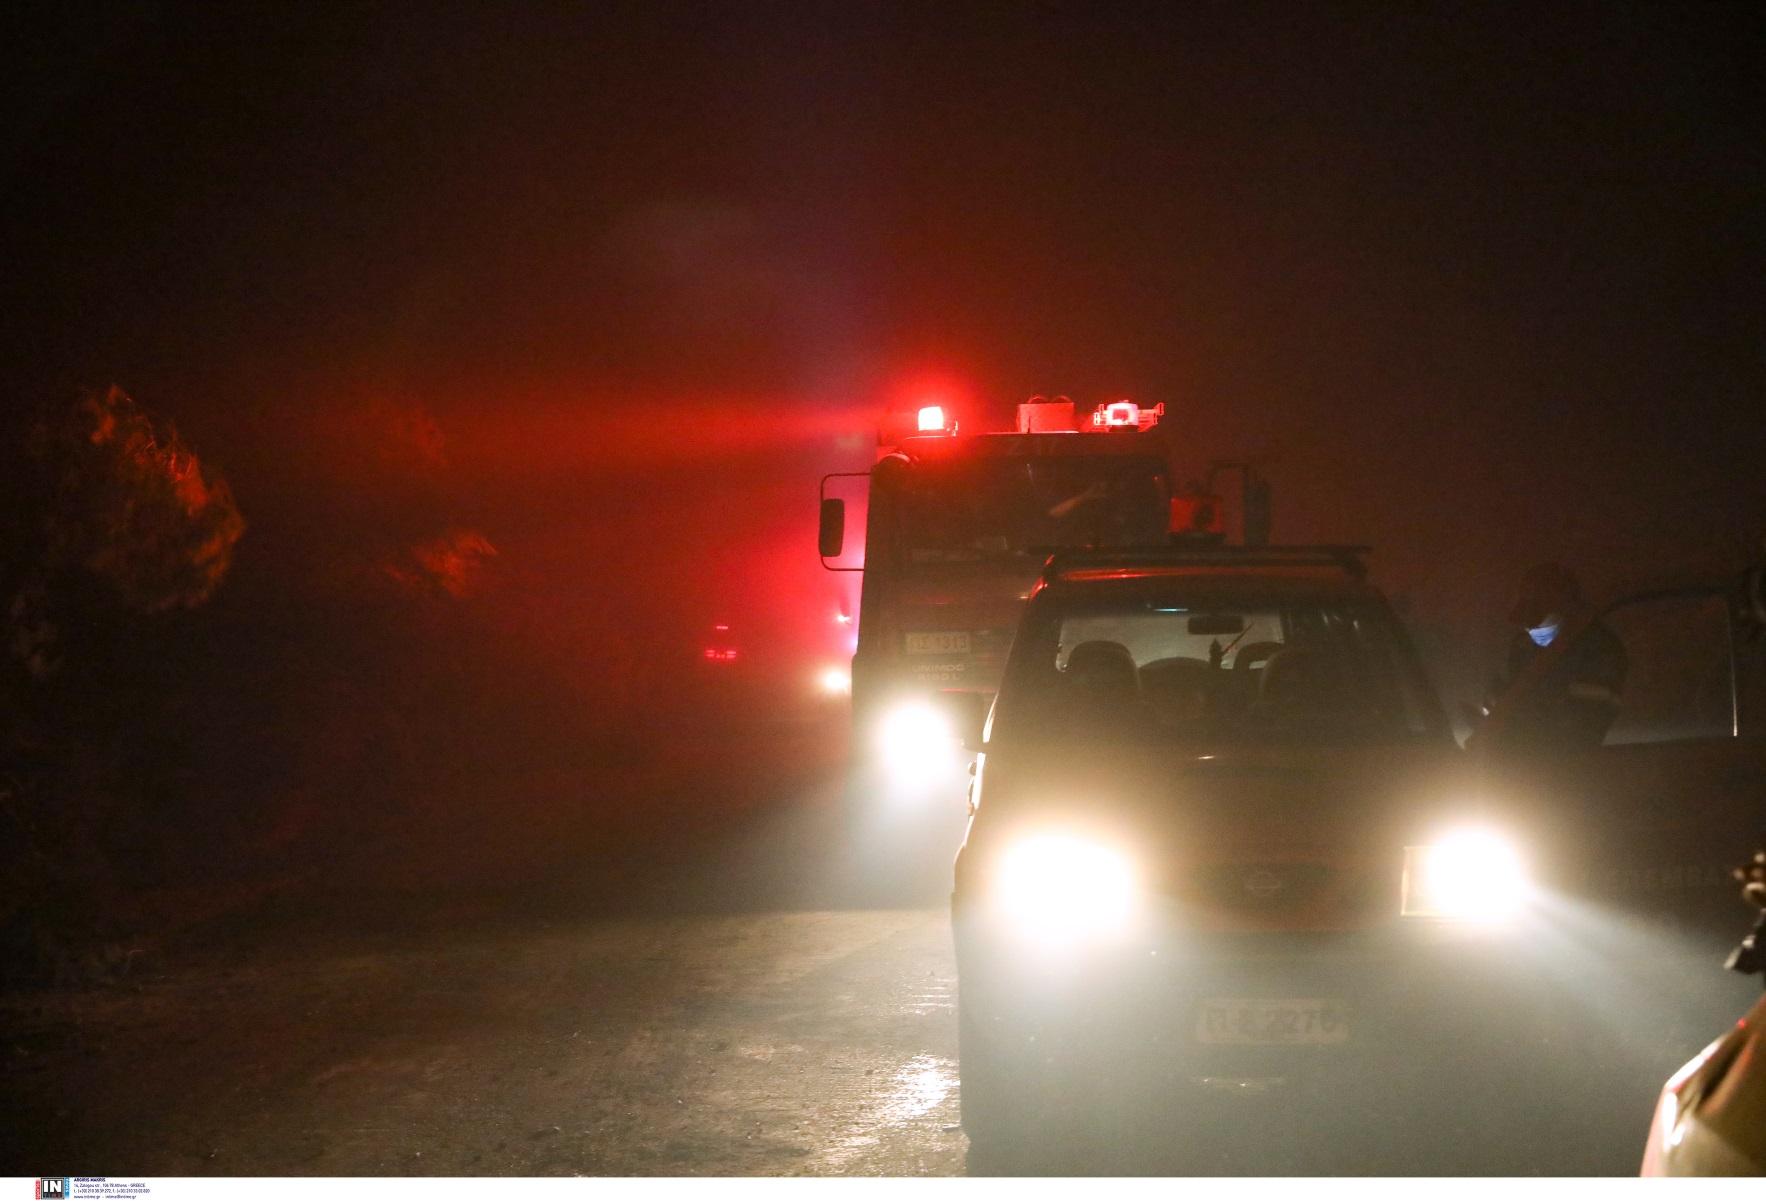 Φωτιές – Πολιτική Προστασία: Πολύ μεγάλος κίνδυνος την Πέμπτη 12/08 για 4 περιοχές της χώρας